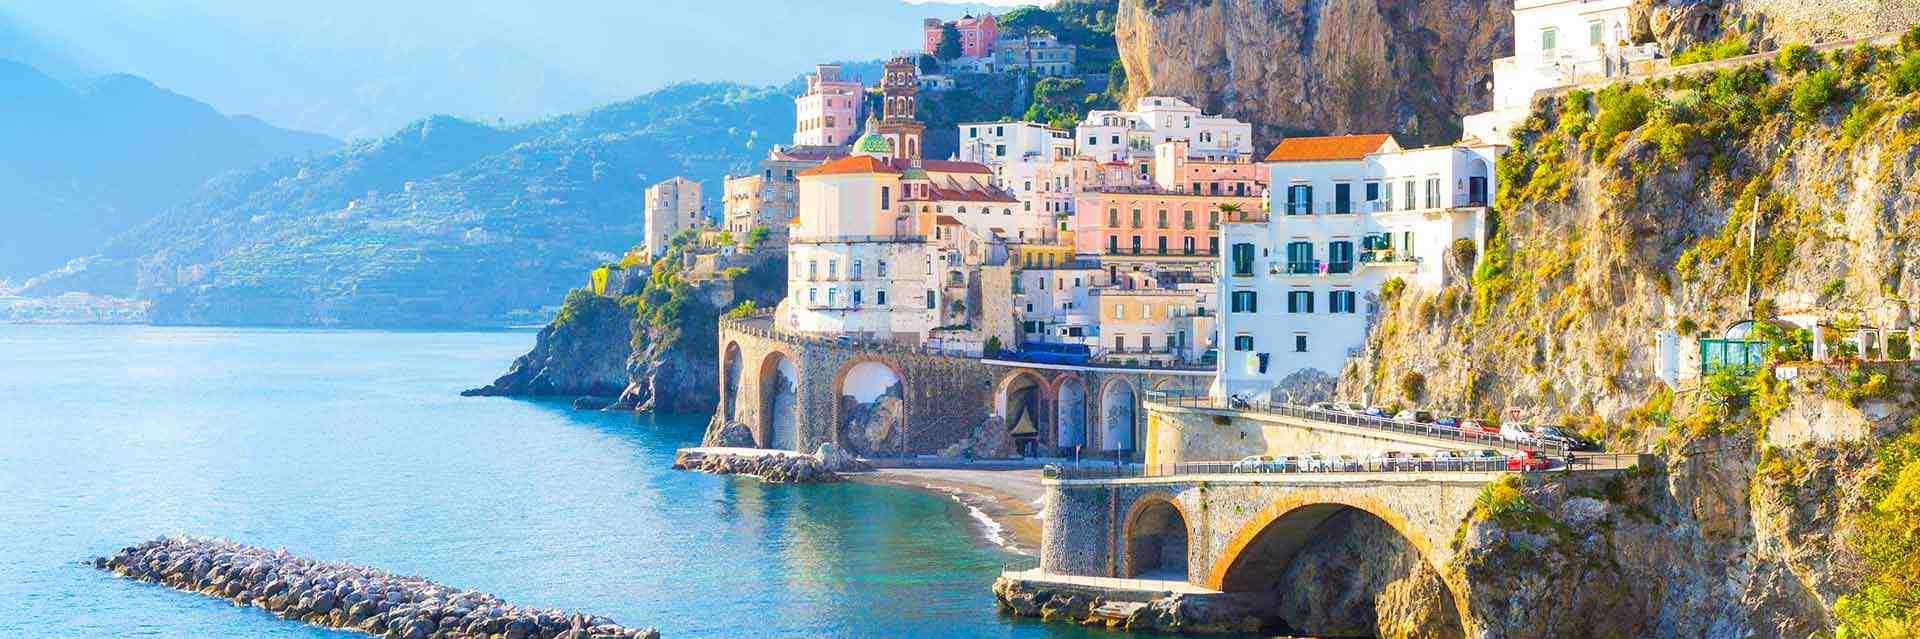 Quels pays sont voisins de l'Italie?